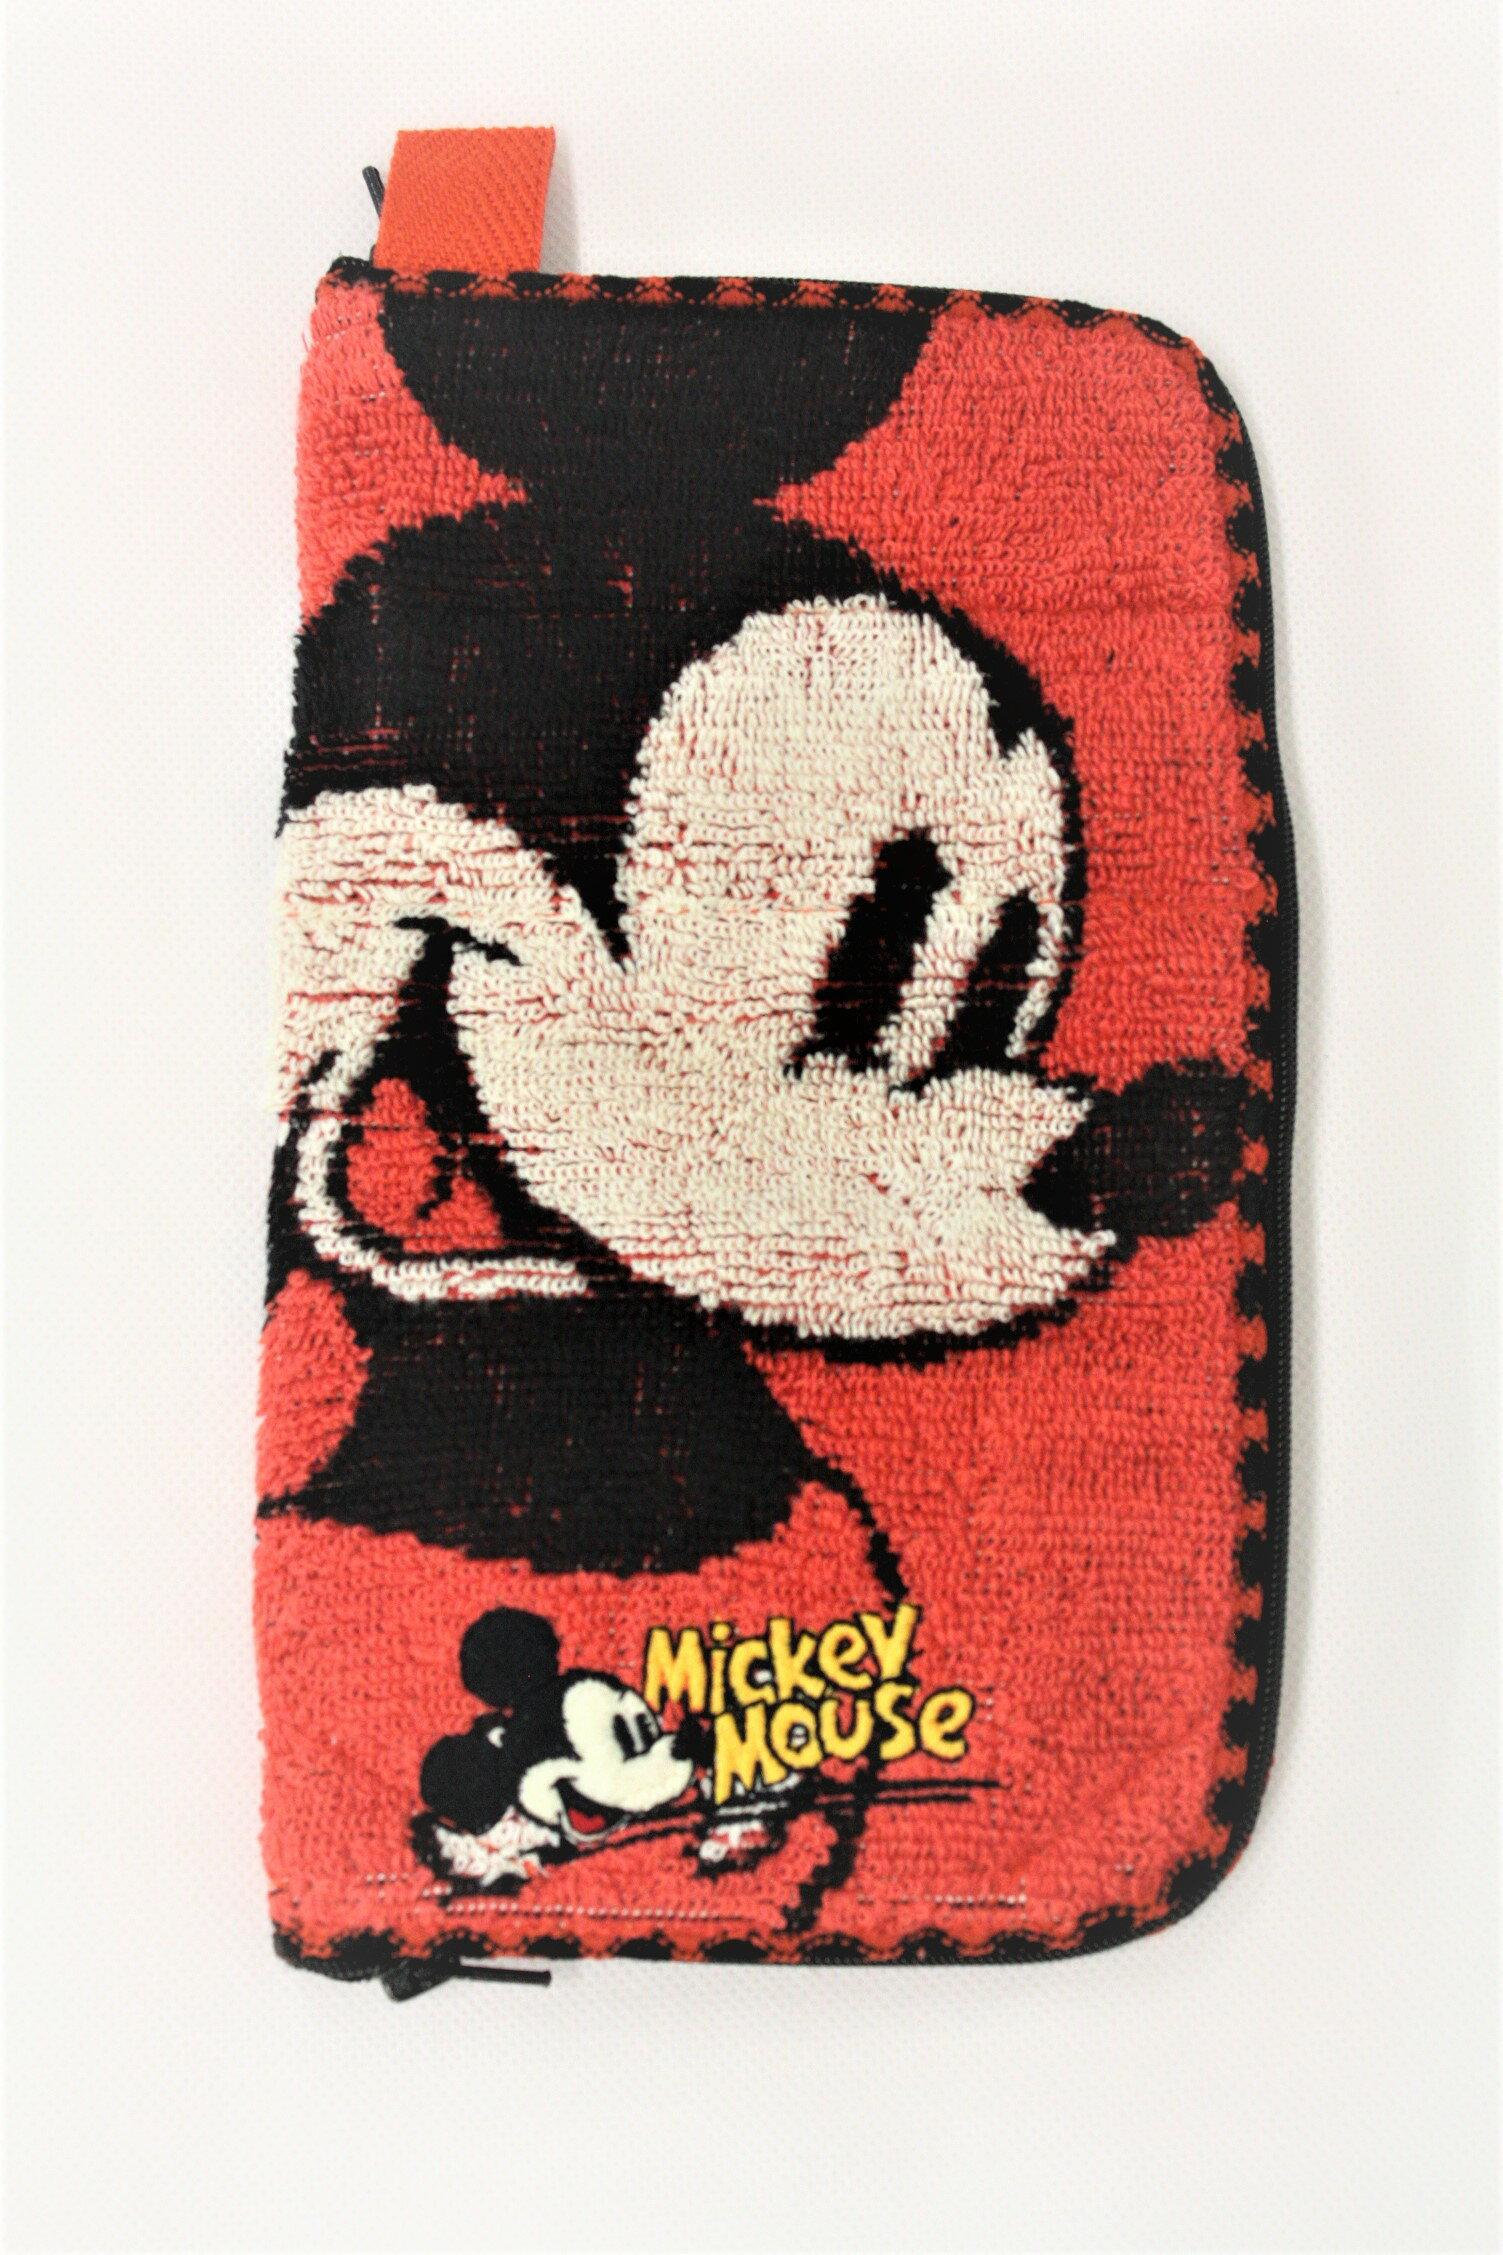 米奇冷熱兩用保溫毛巾套 迪士尼 日貨 正版授權 J00012692